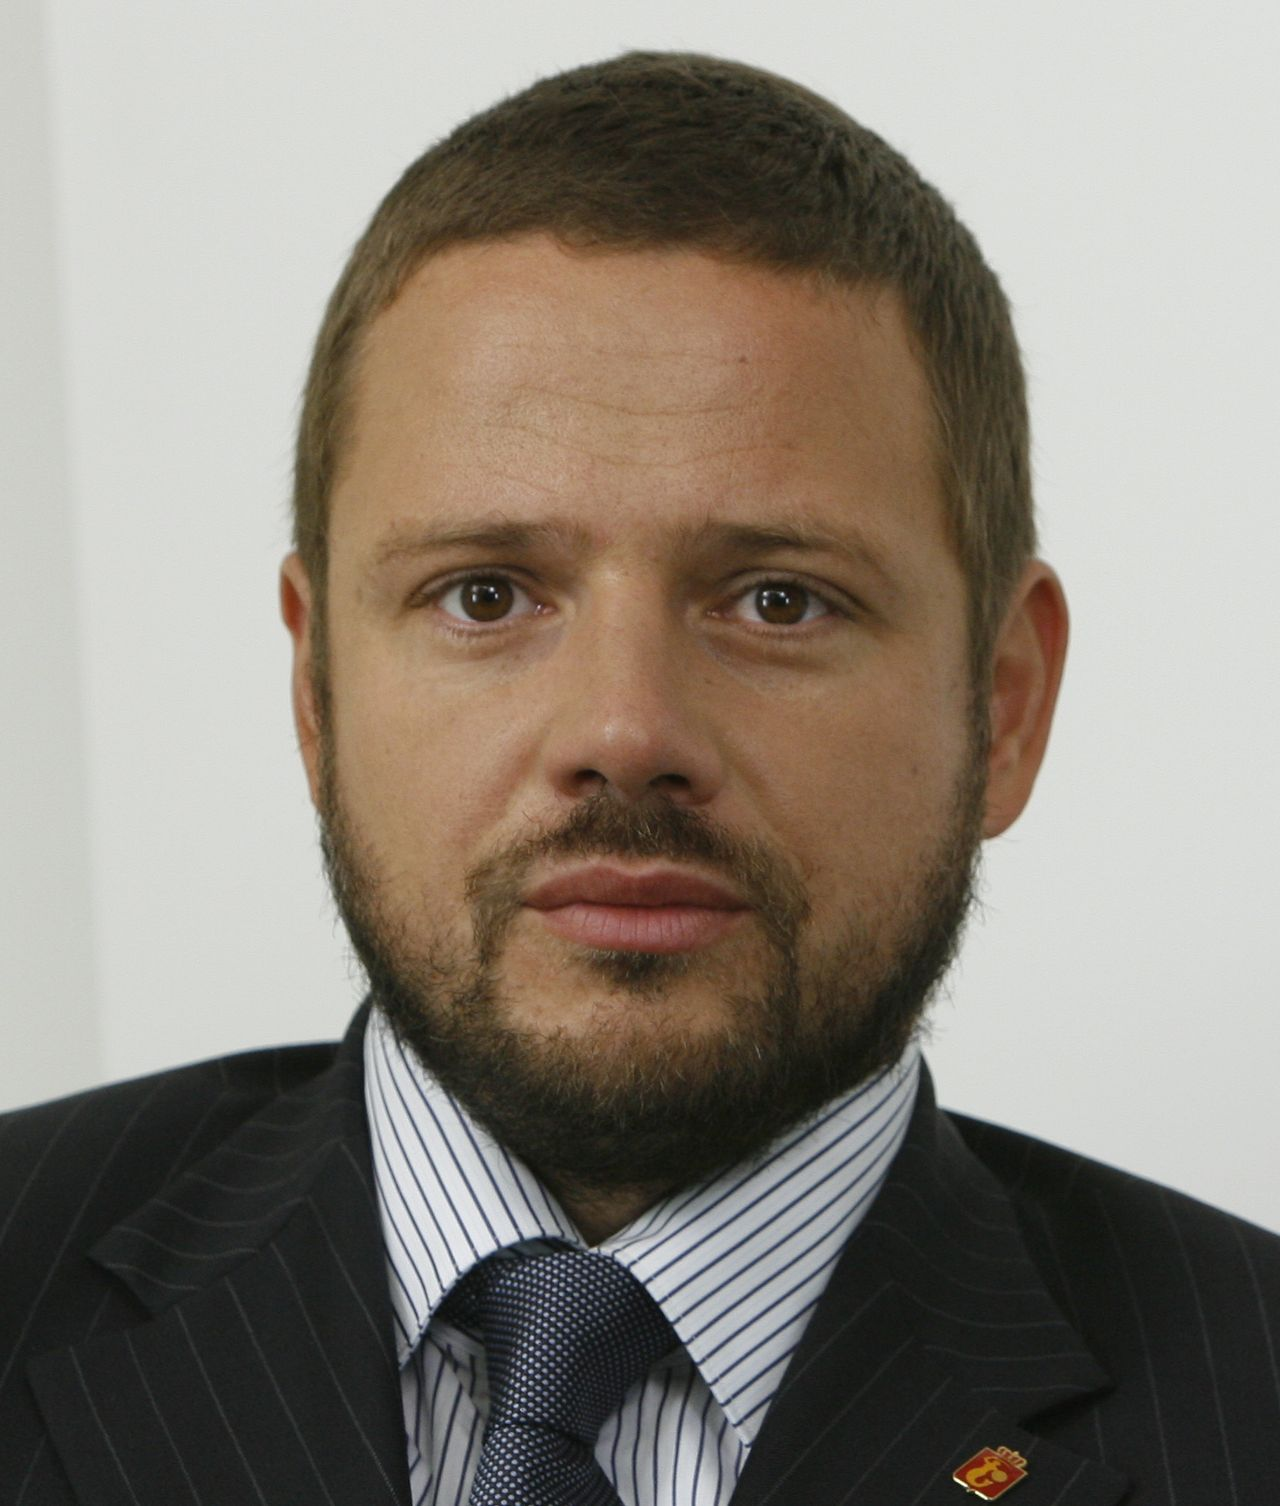 11 lat temu Rafał Trzaskowski był zdecydowanie bardziej... okrągły